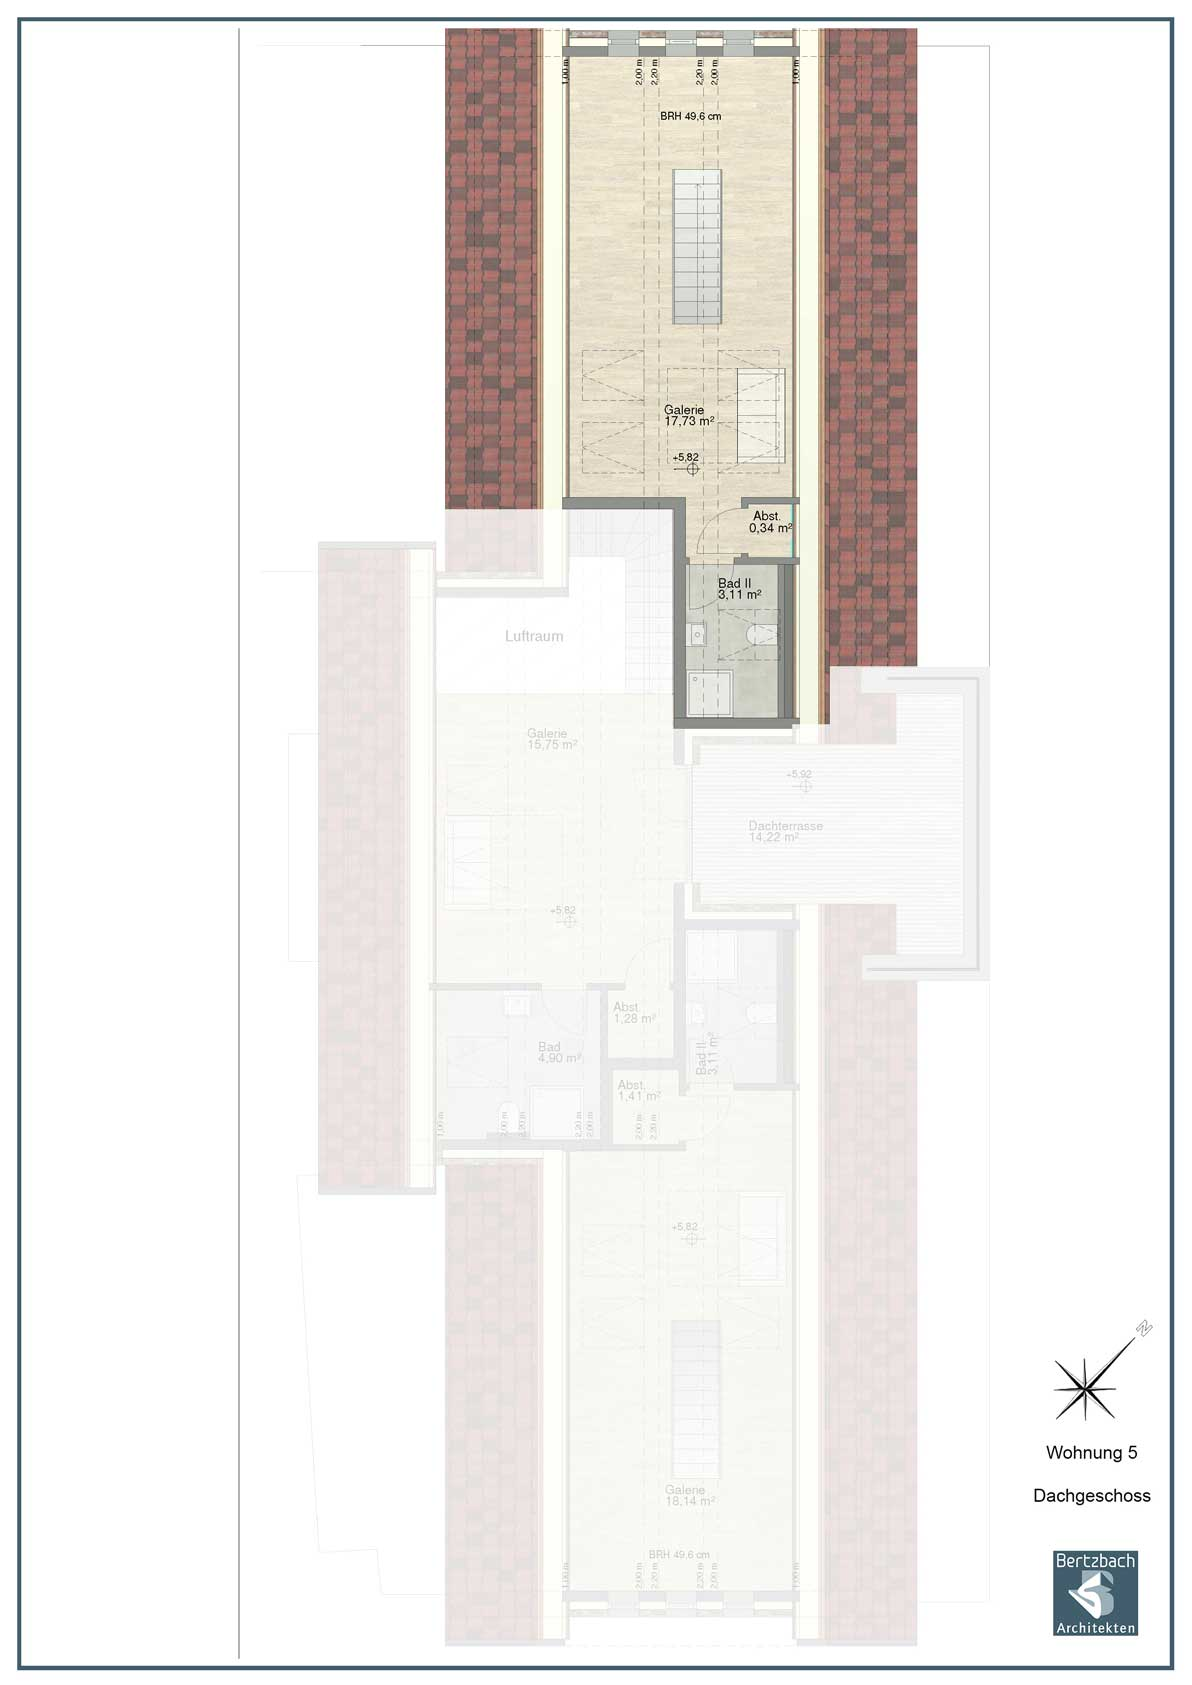 Wohnung 5 Galerie